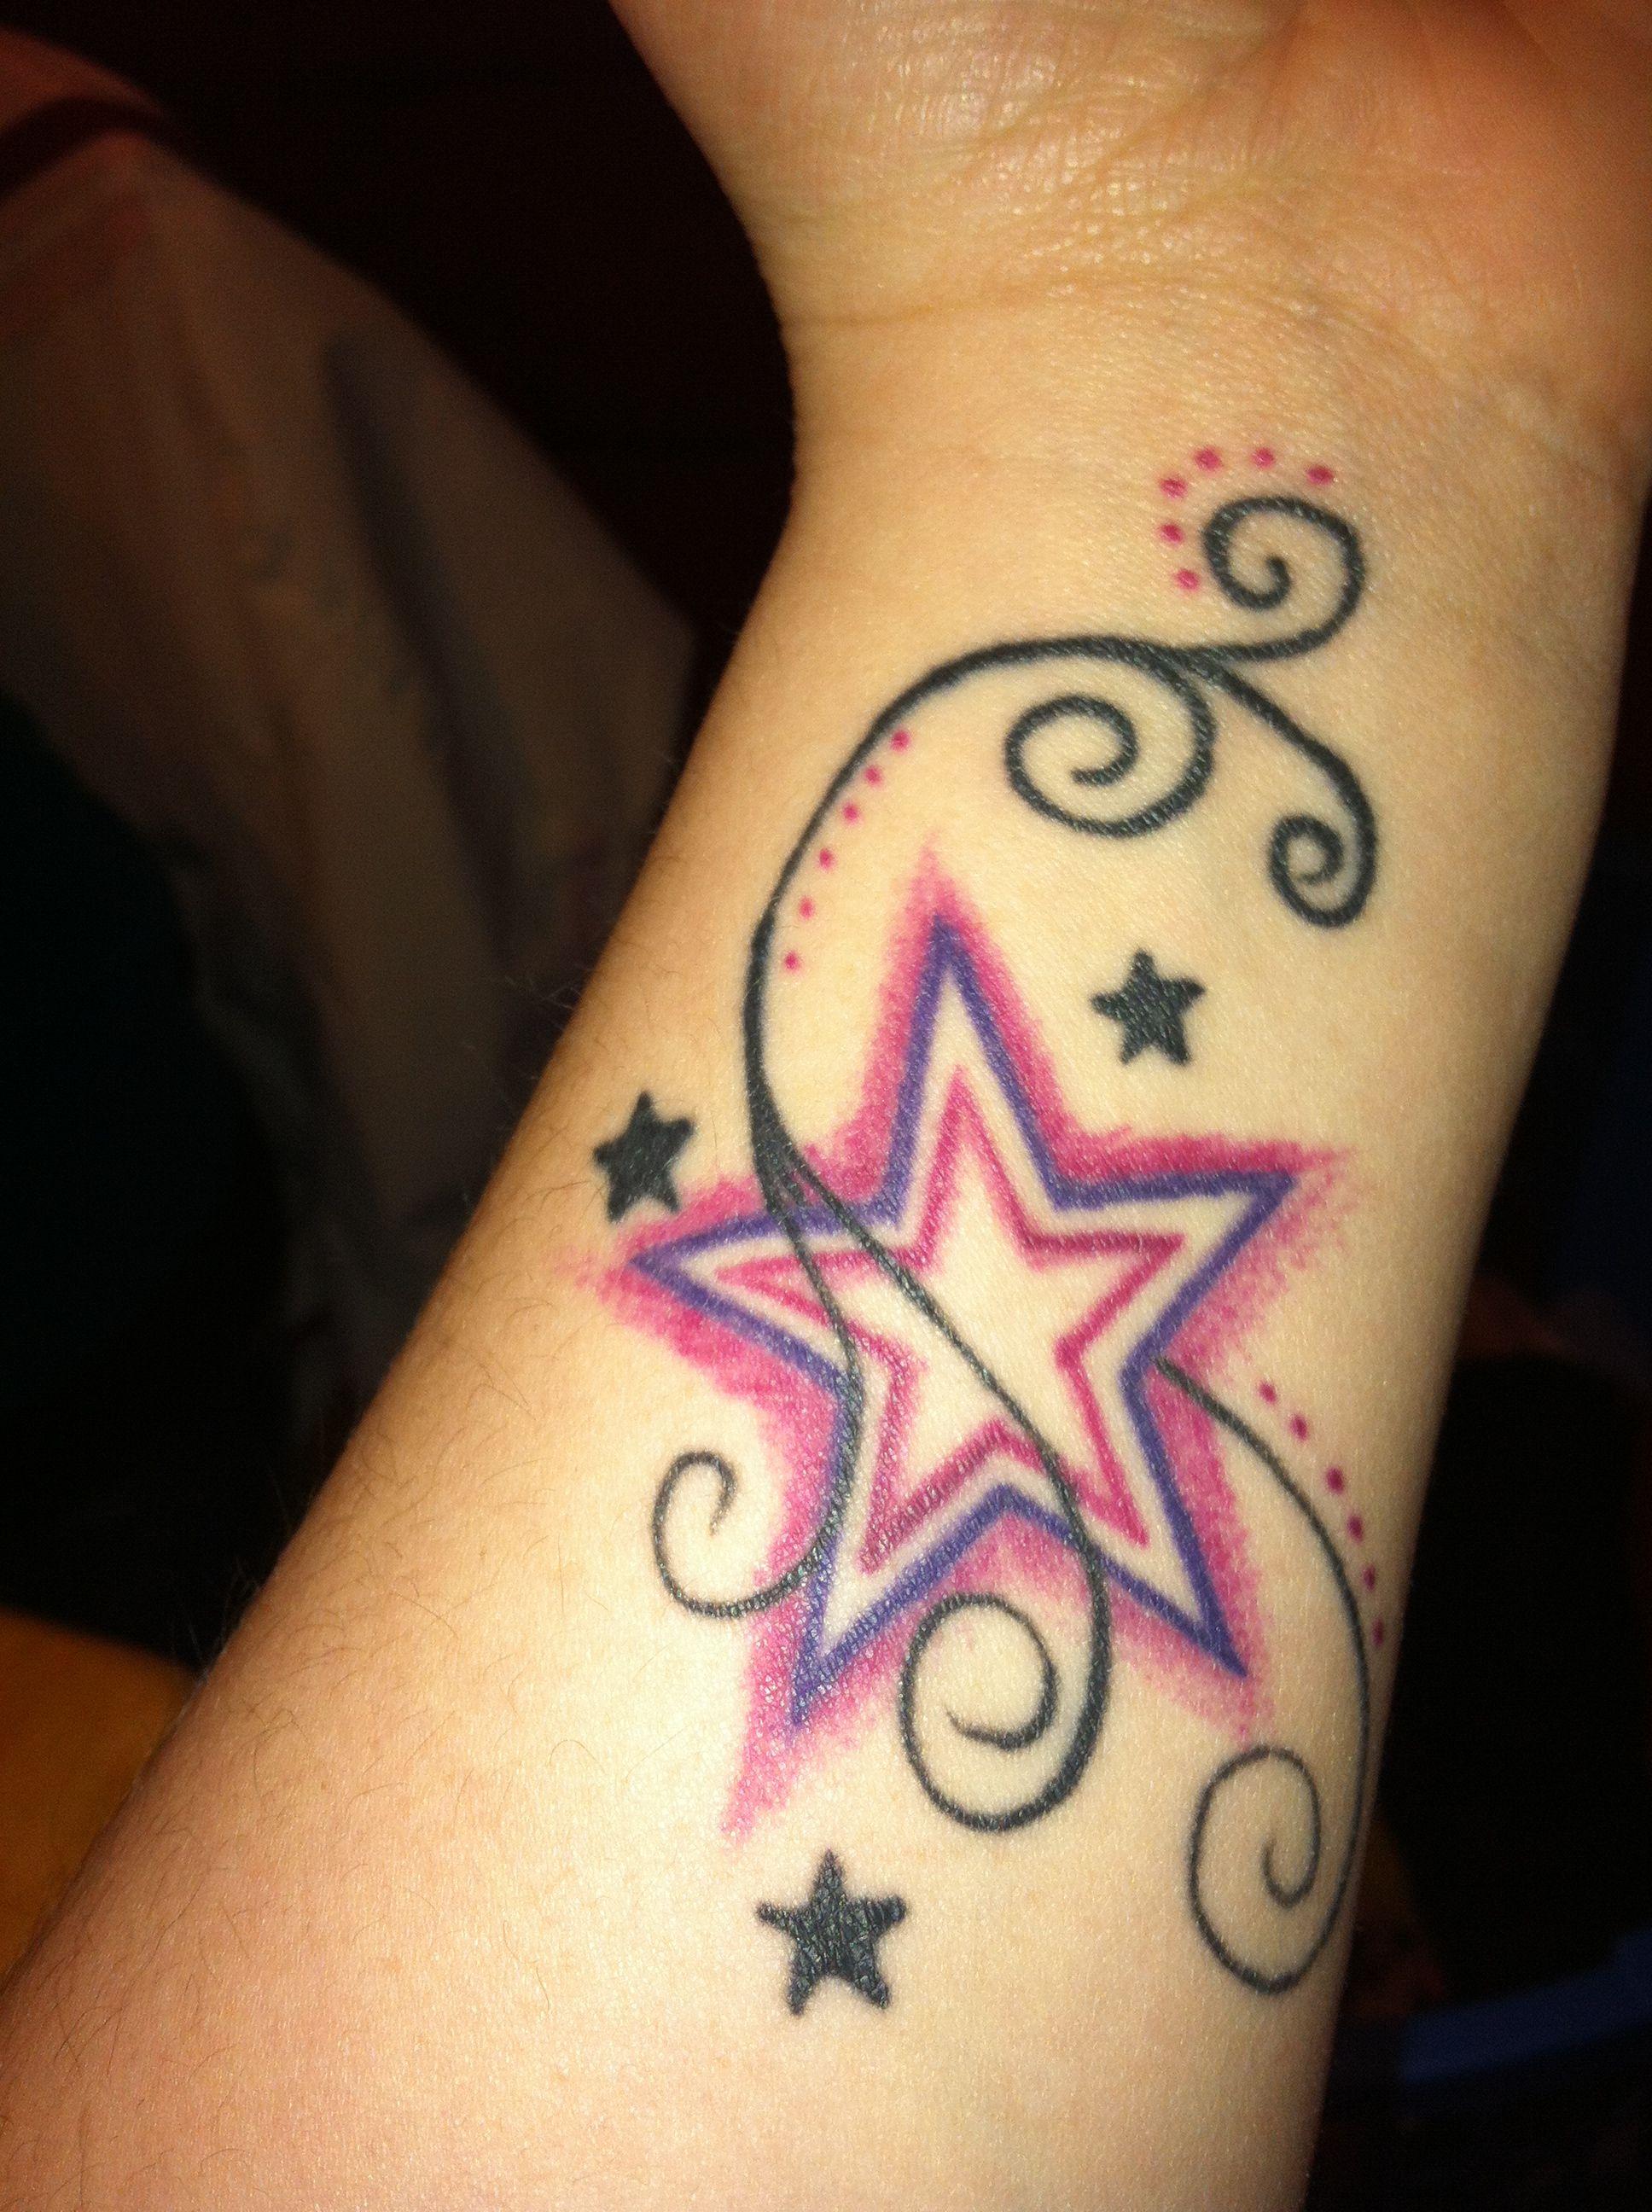 40 fantastic friendship tattoos creativefan - My Best Friend Tattoo